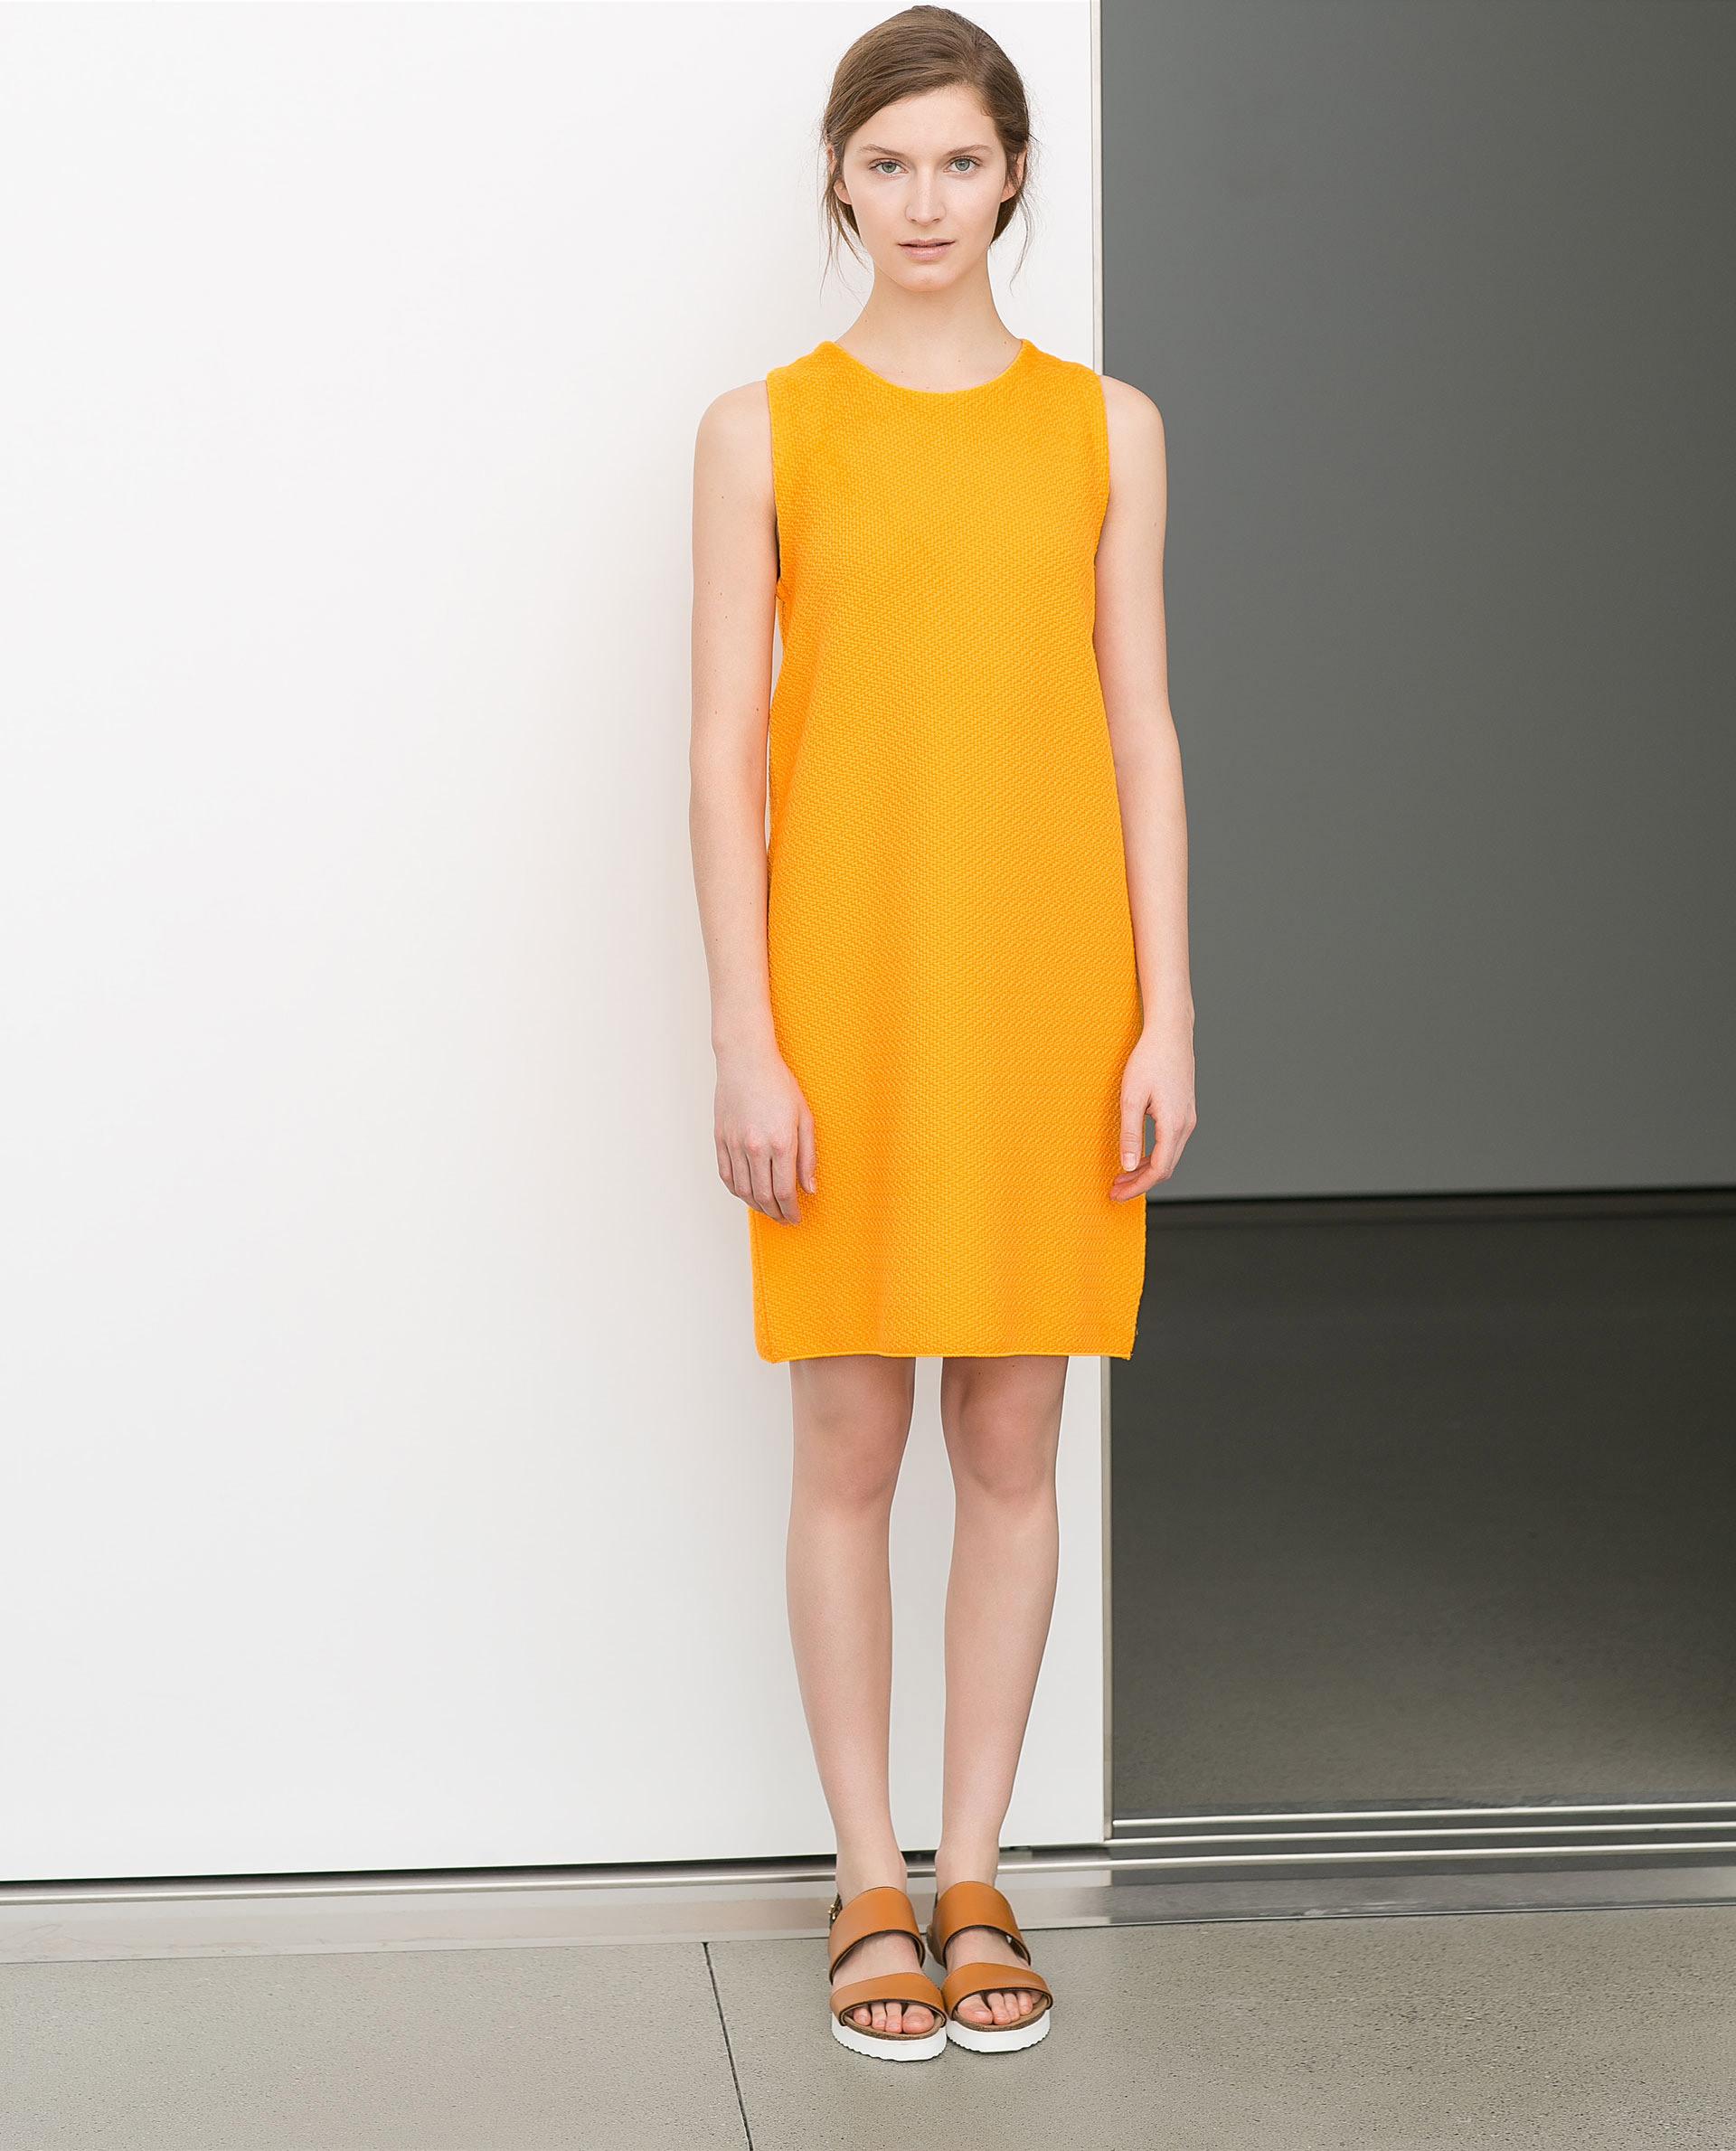 Zara - Robe (49,95 €)